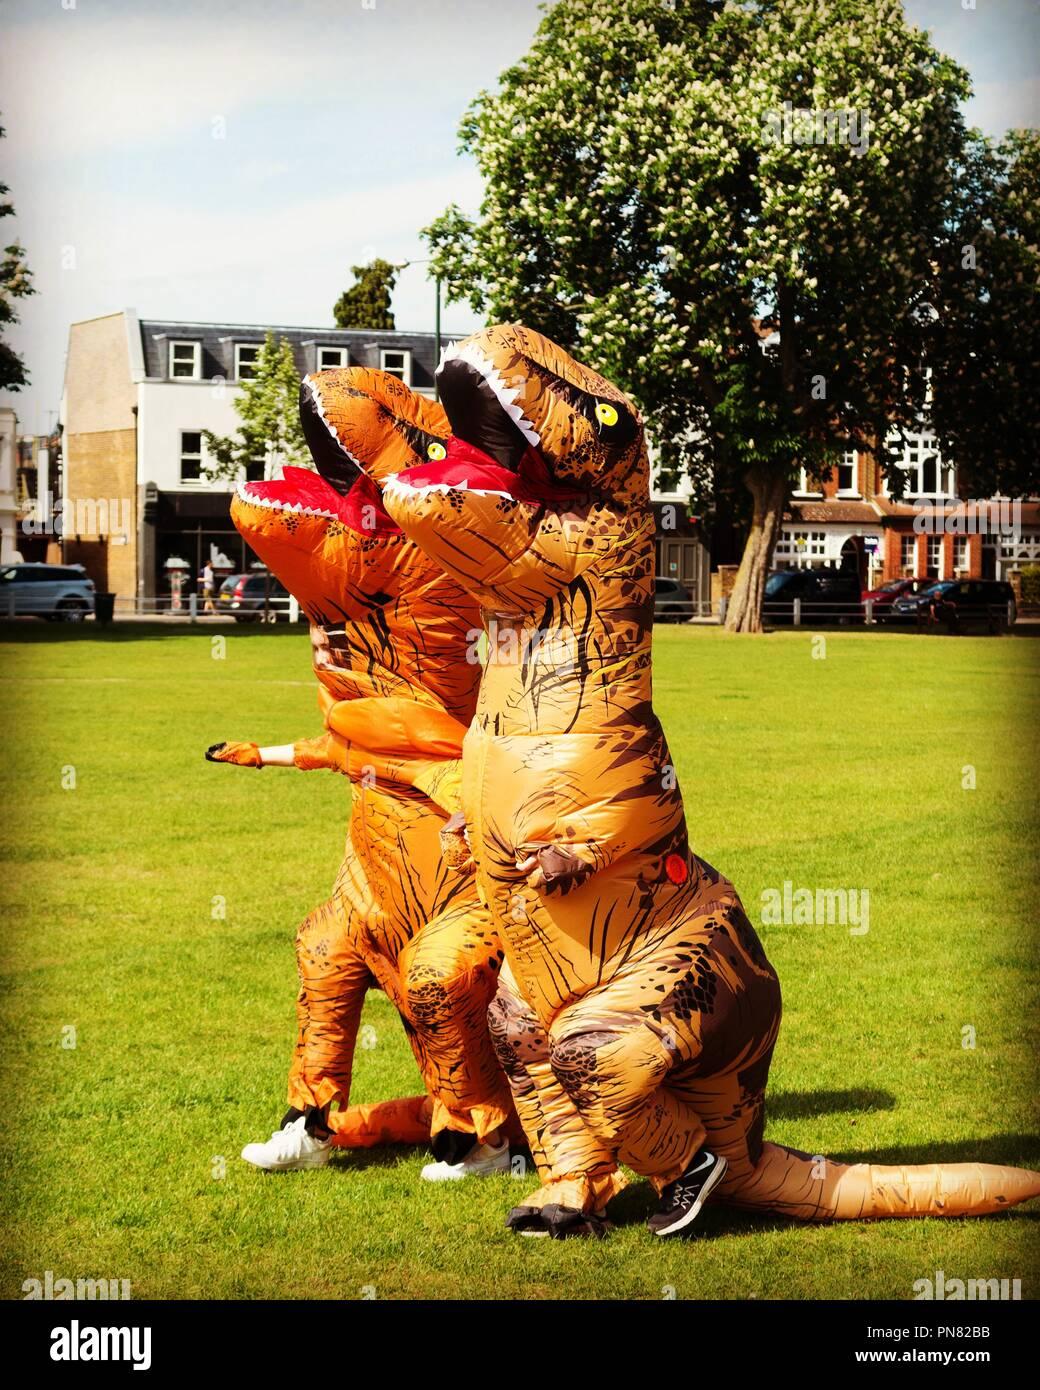 Dos personas vestidas con trajes de dinosaurio inflable ( T Rex ) para Fancy Dress caminar a través de Twickenham, UK verde Imagen De Stock